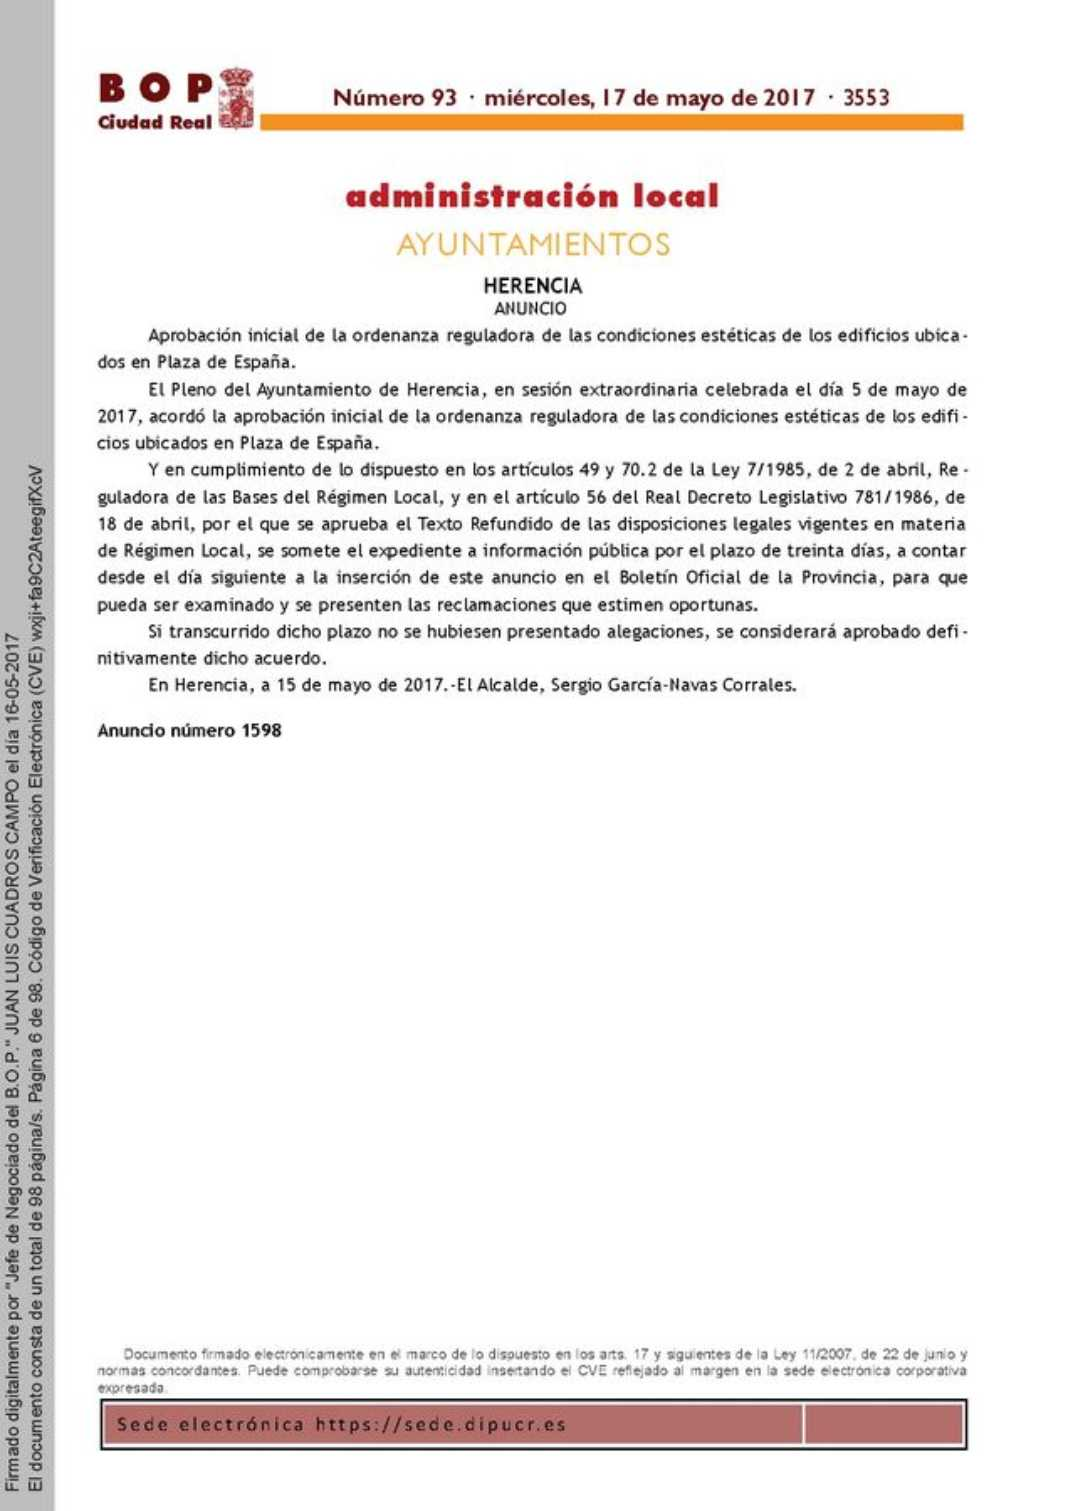 condiciones estéticas edificios Plaza de España. 1068x1511 - Condiciones estéticas de los edificios ubicados en la Plaza de España